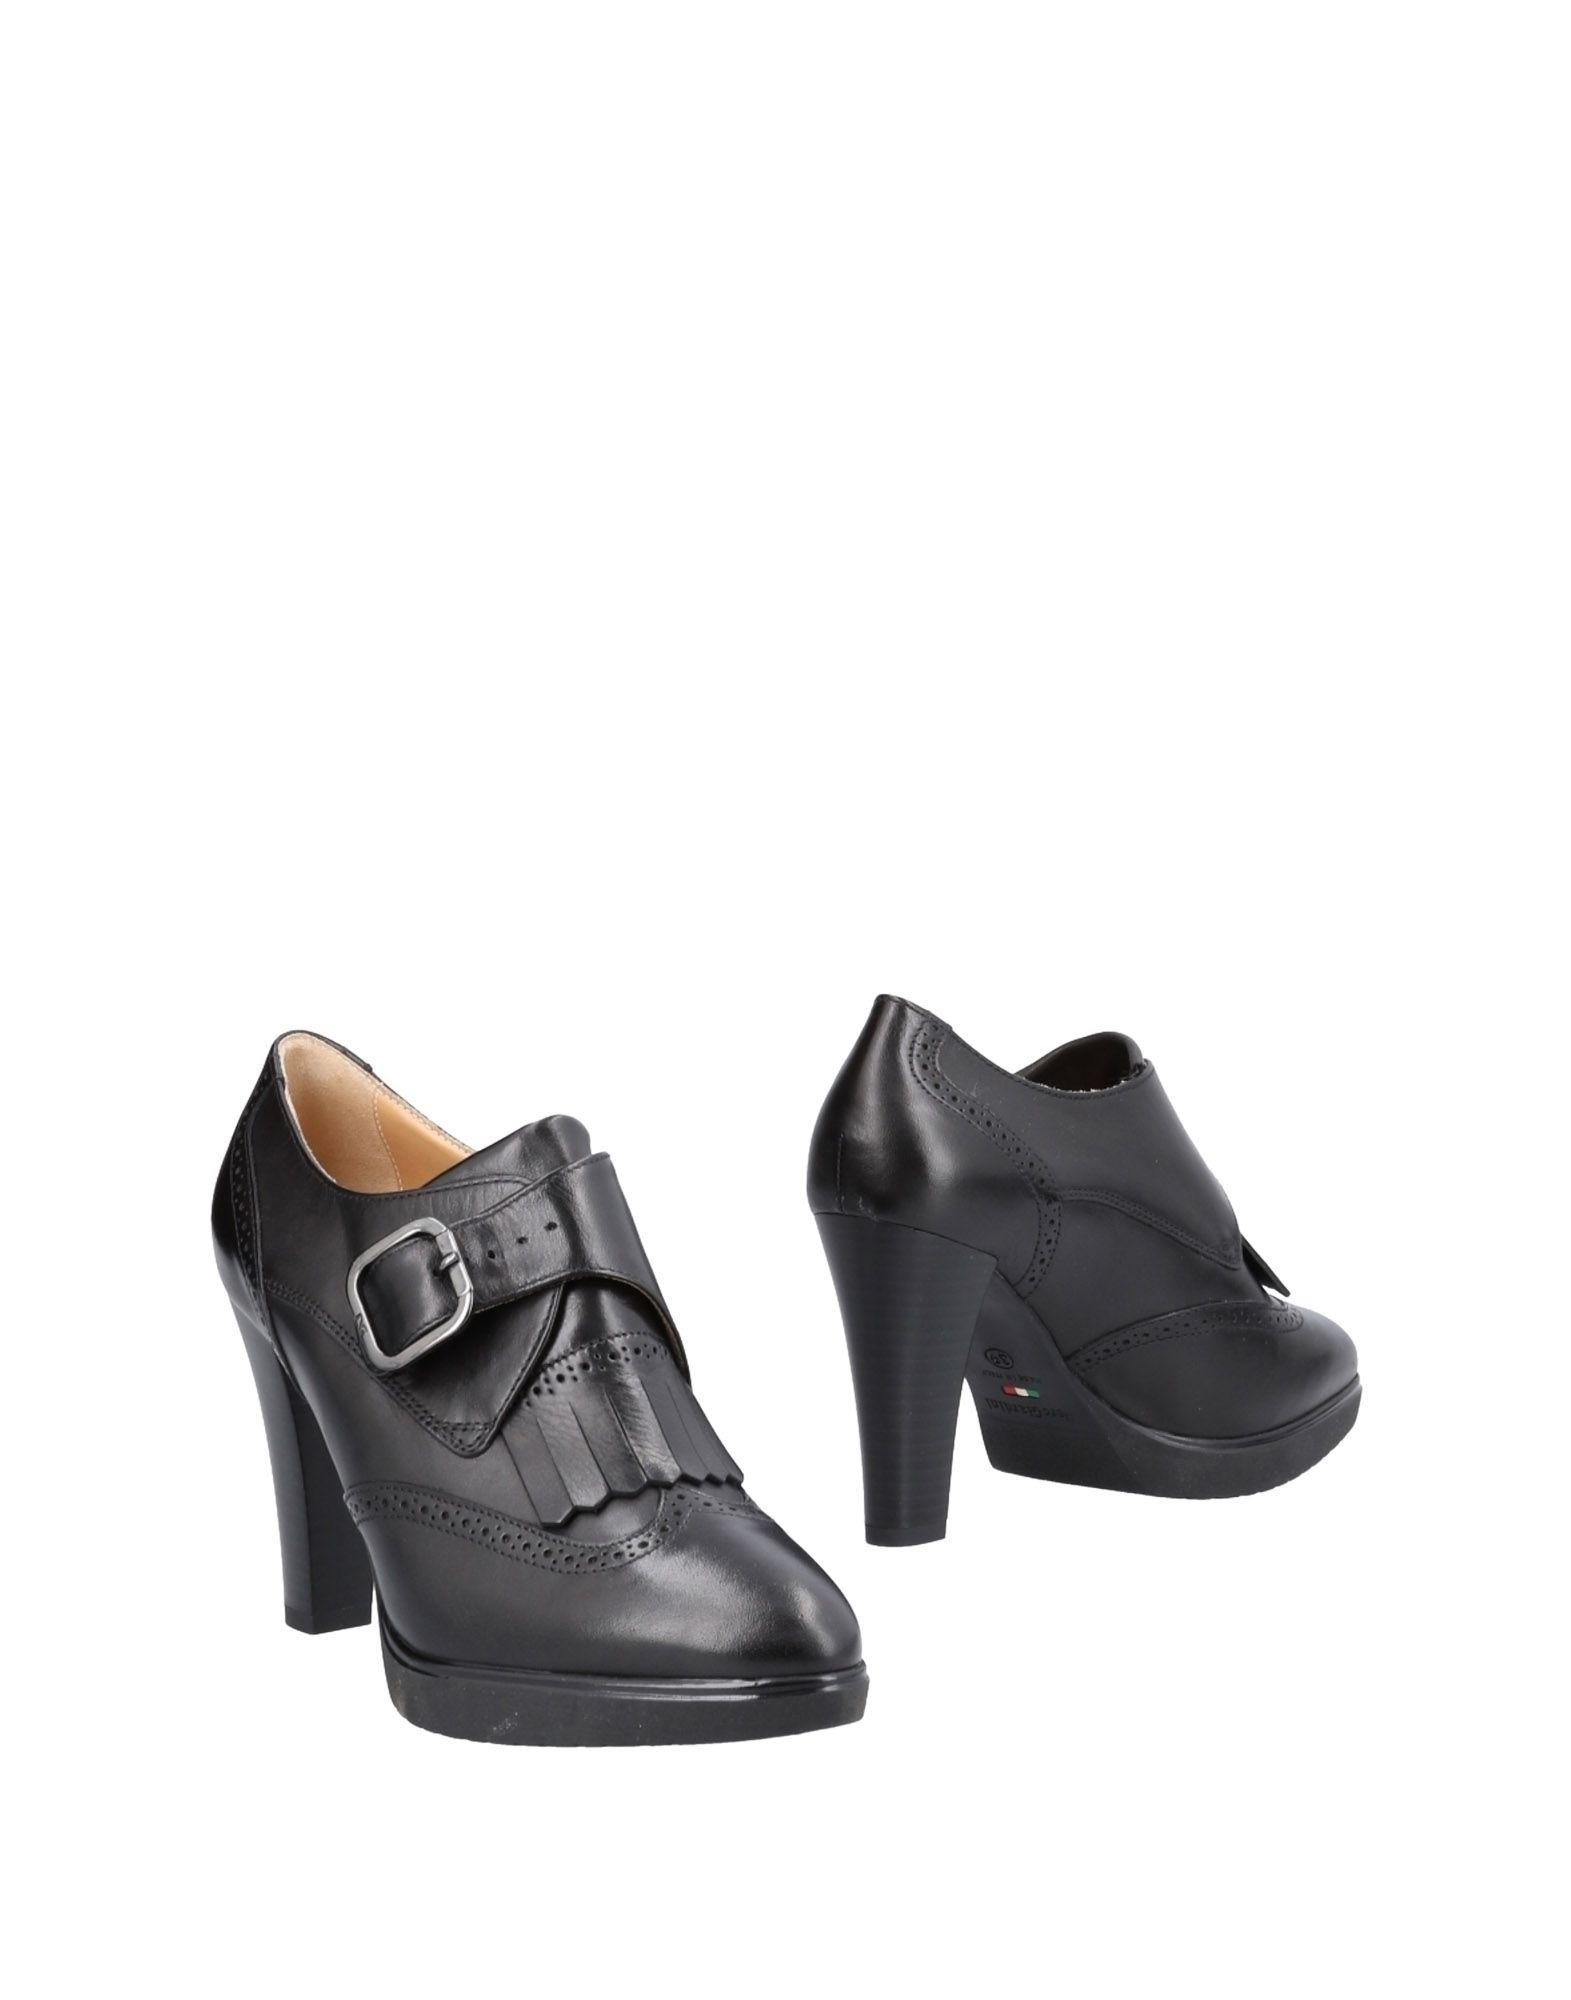 Nero Giardini Stiefelette Damen beliebte  11489100GR Gute Qualität beliebte Damen Schuhe 419dab